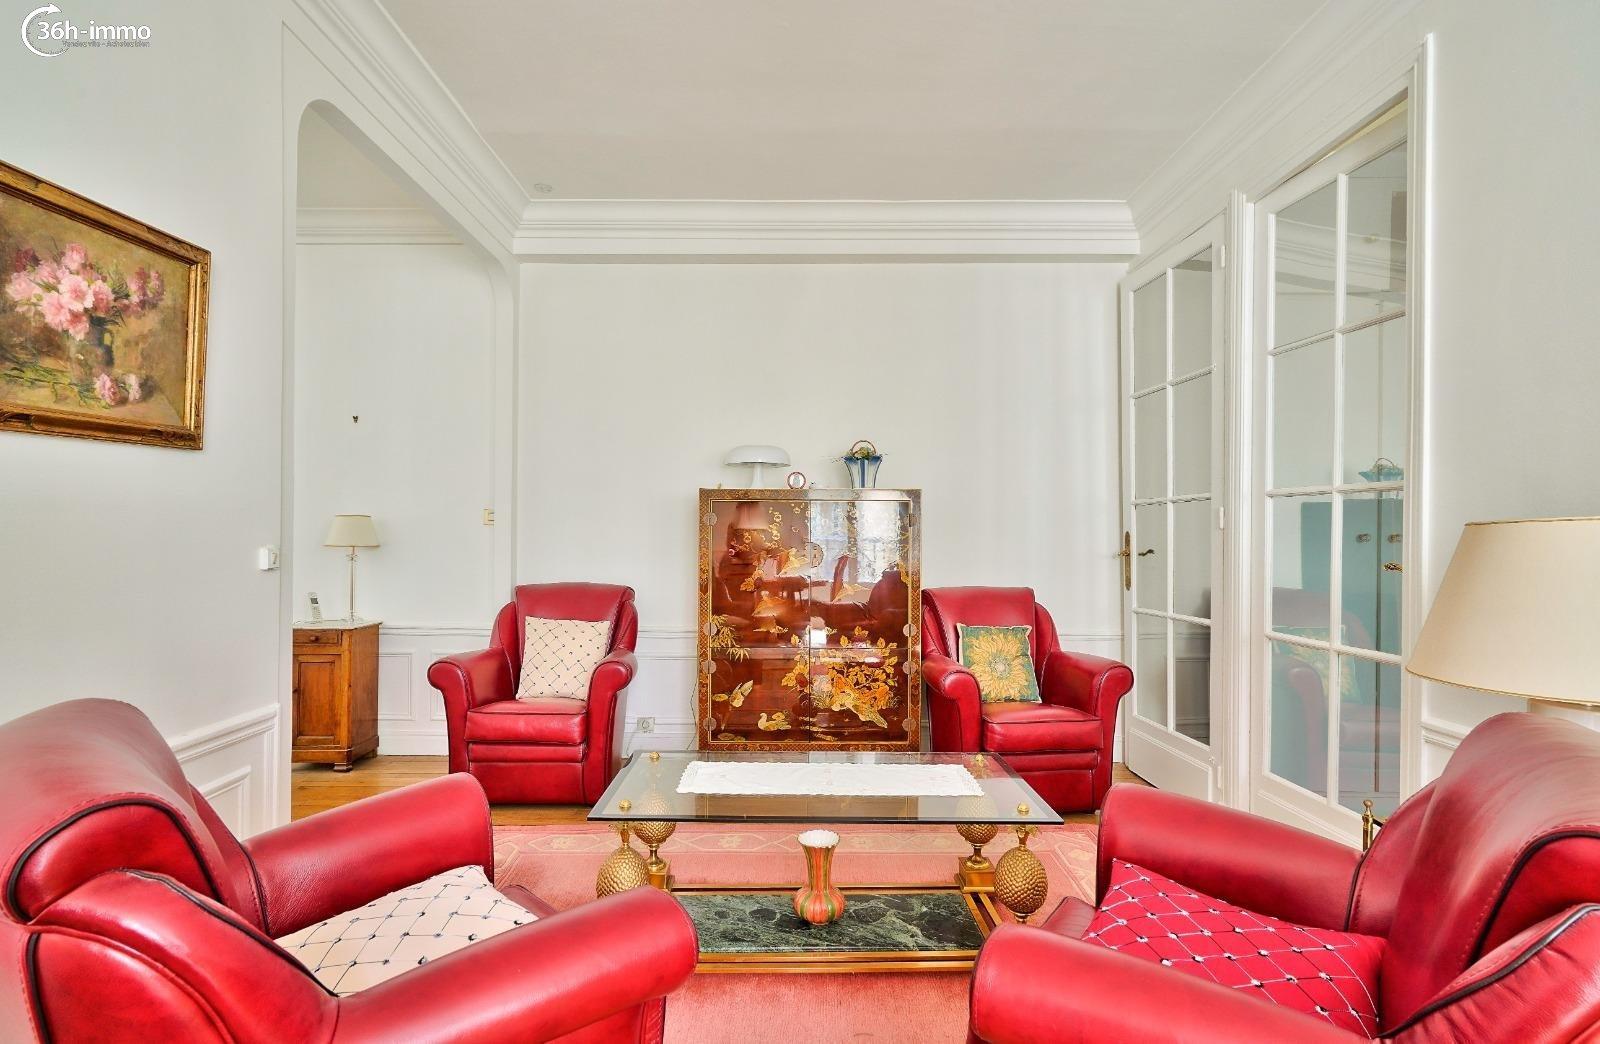 Appartement Paris 16e arrondissement 75016 Paris 67 m<sup>2</sup> 2 pièces 550000 euros